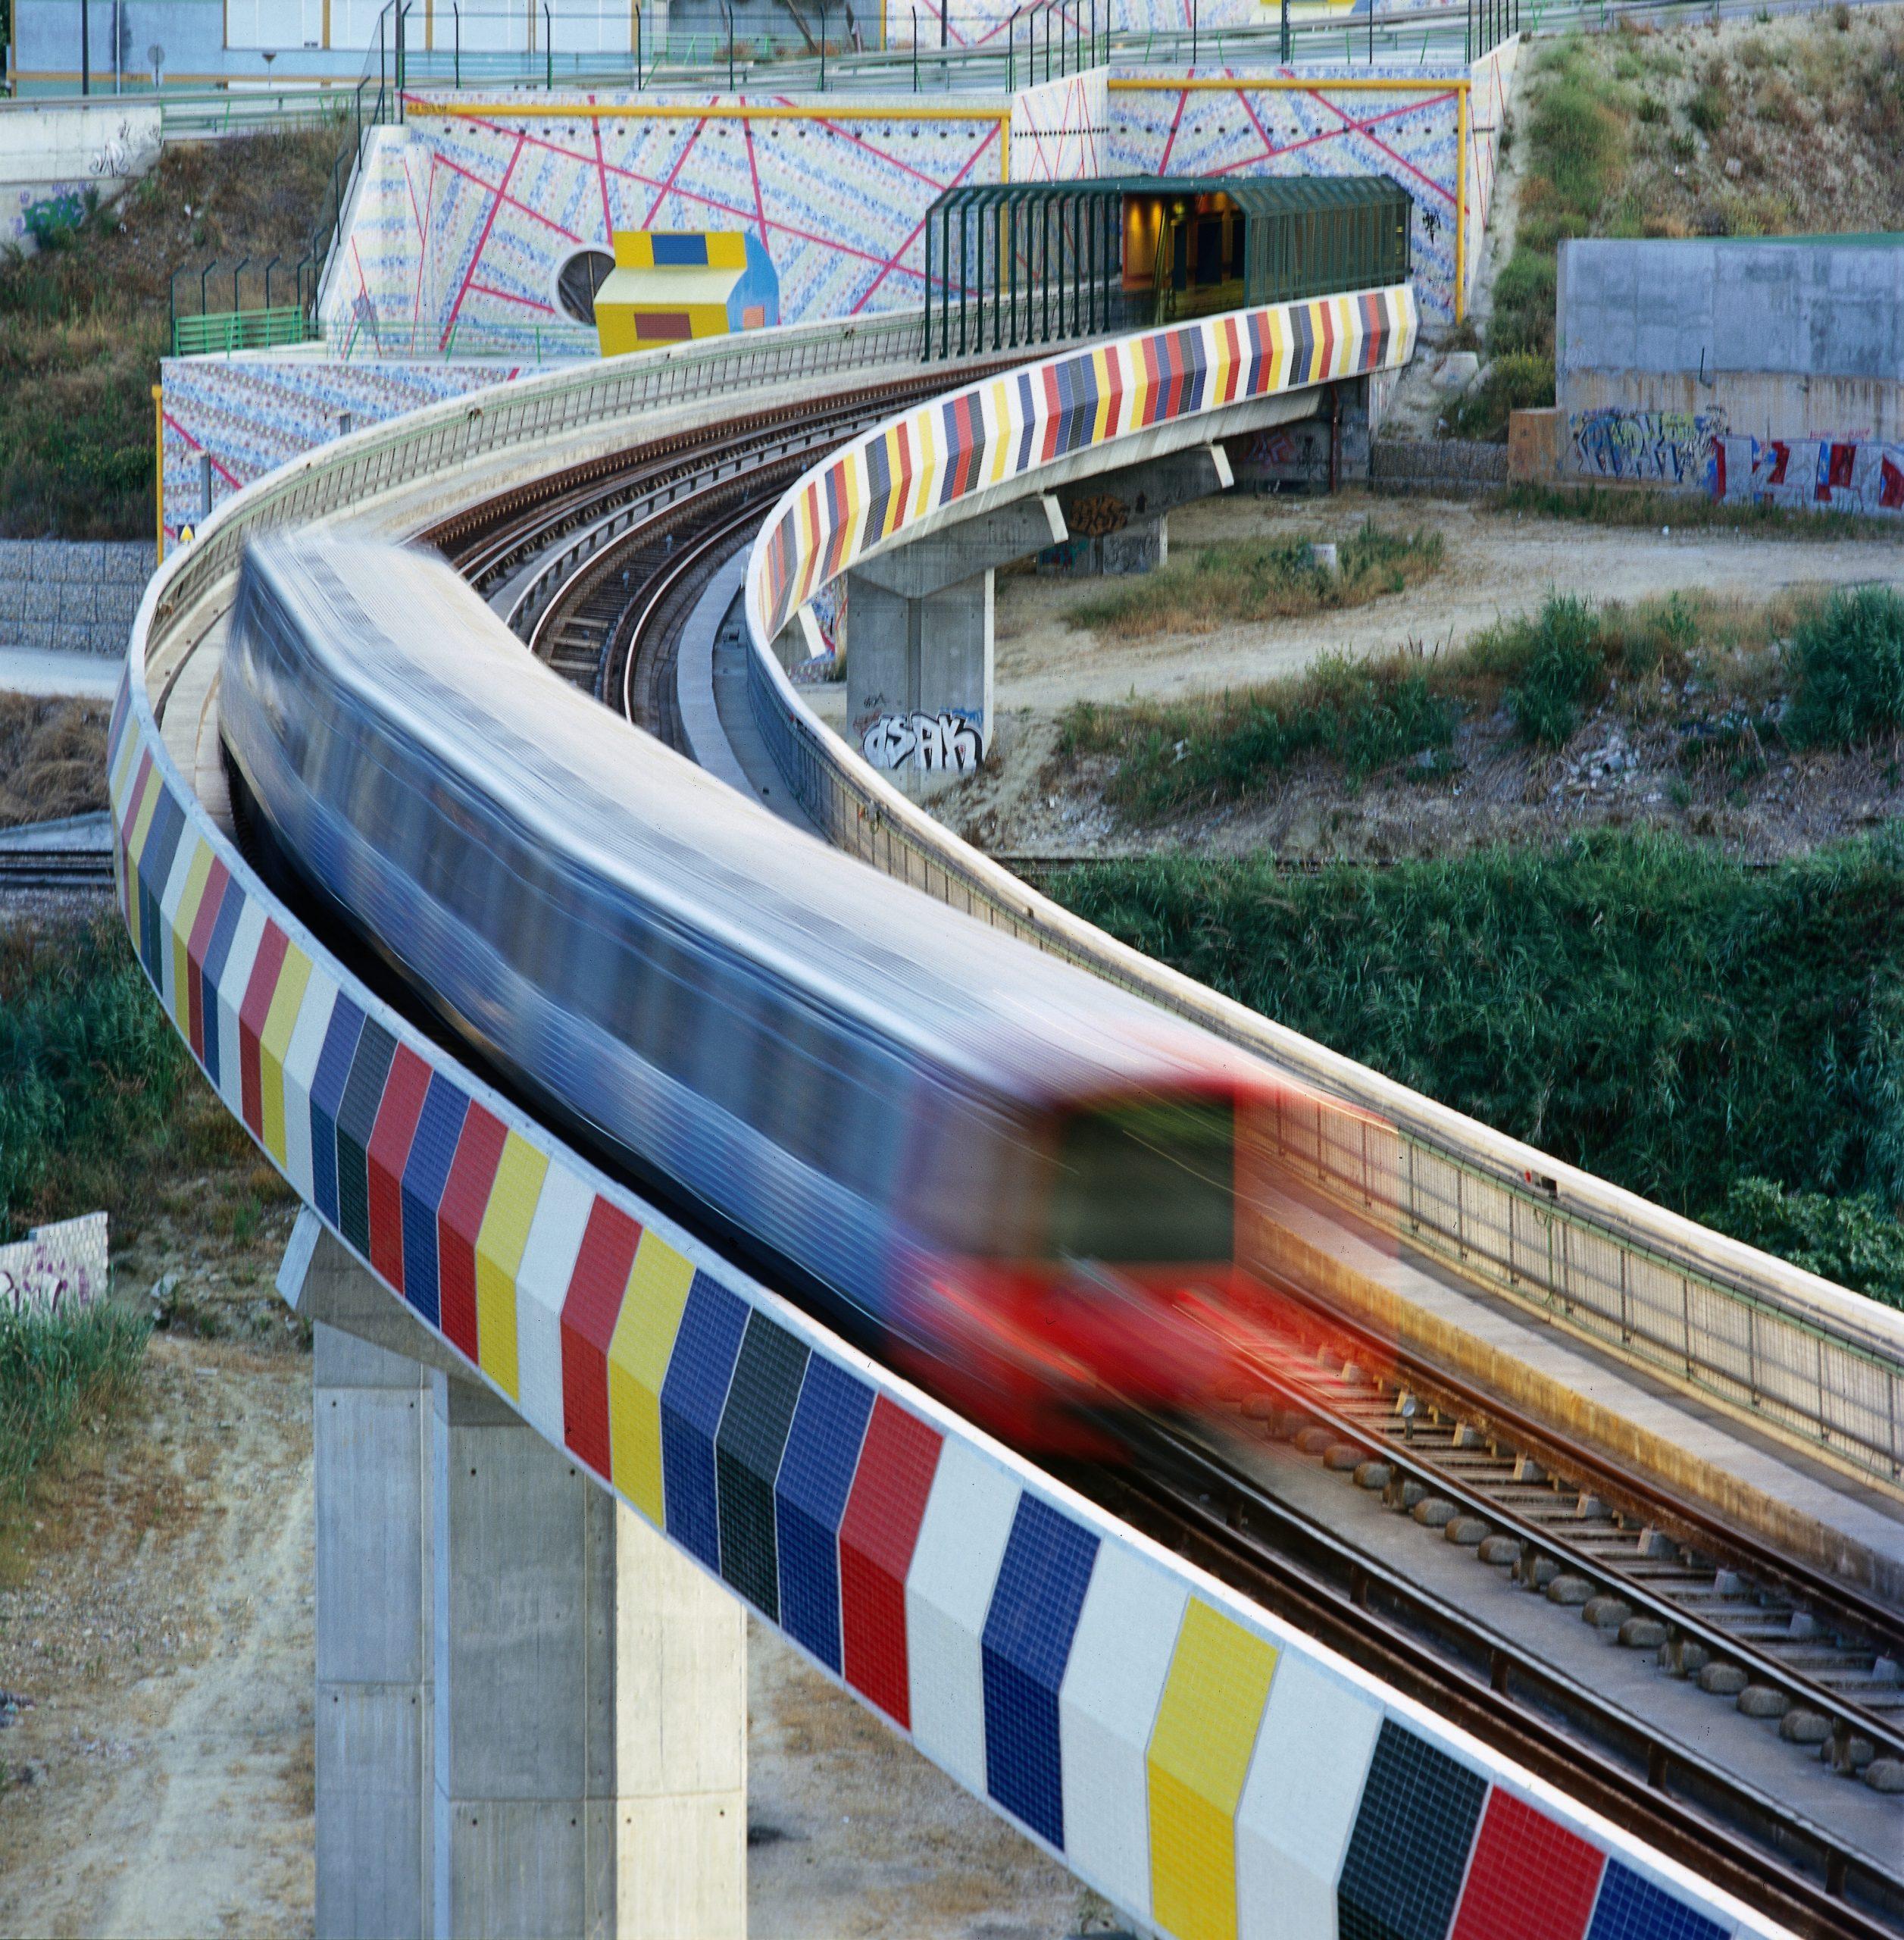 Alteração de quadro jurídico permite futuras expansões em metro ligeiro